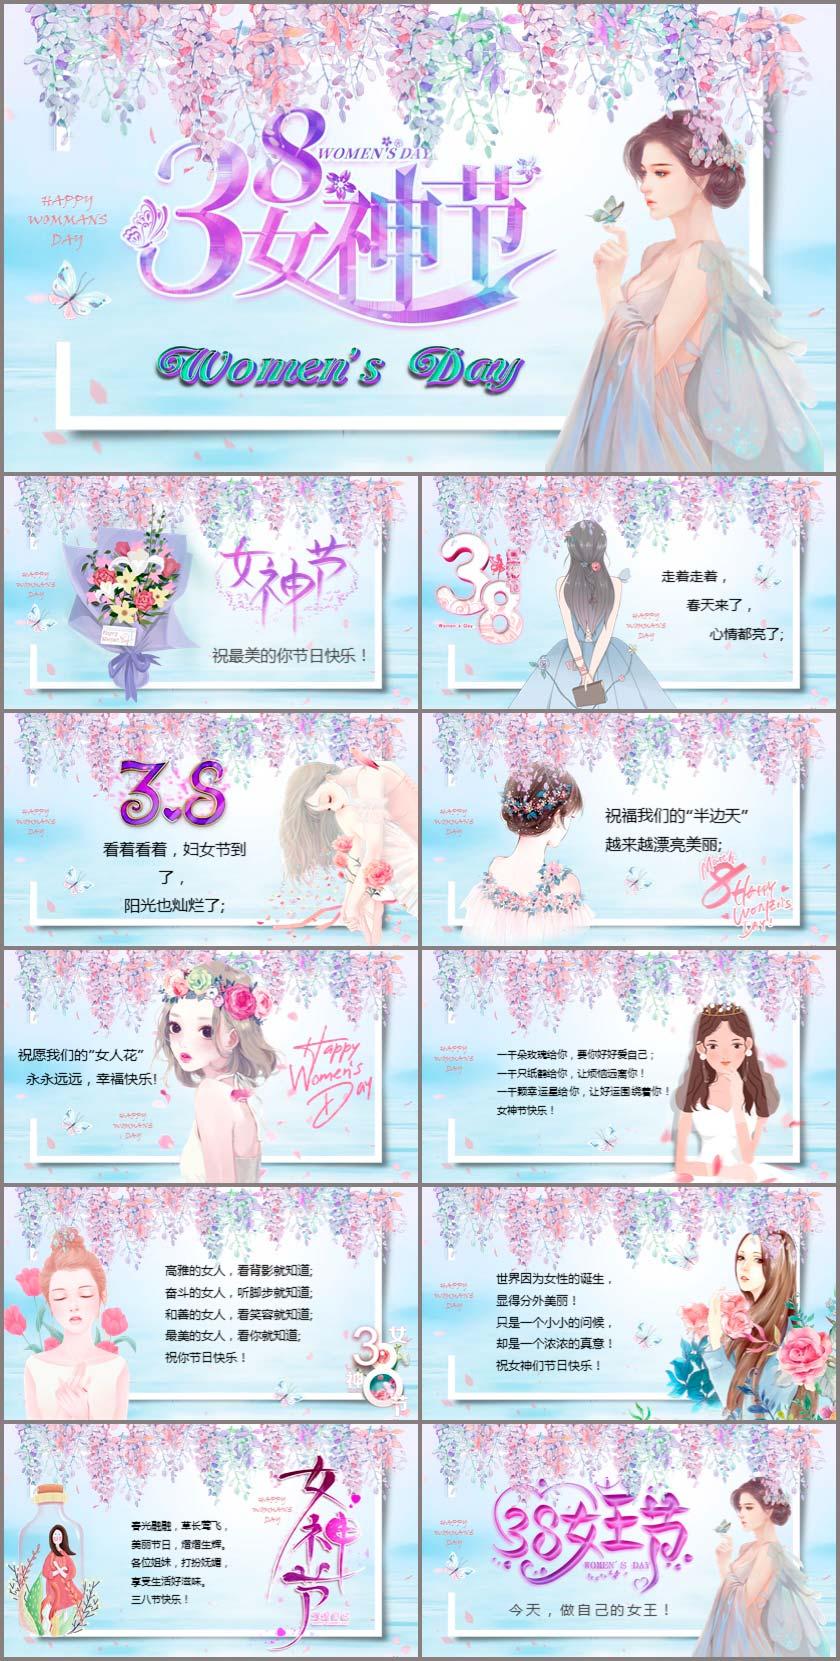 38女神节节日主题PPT模板